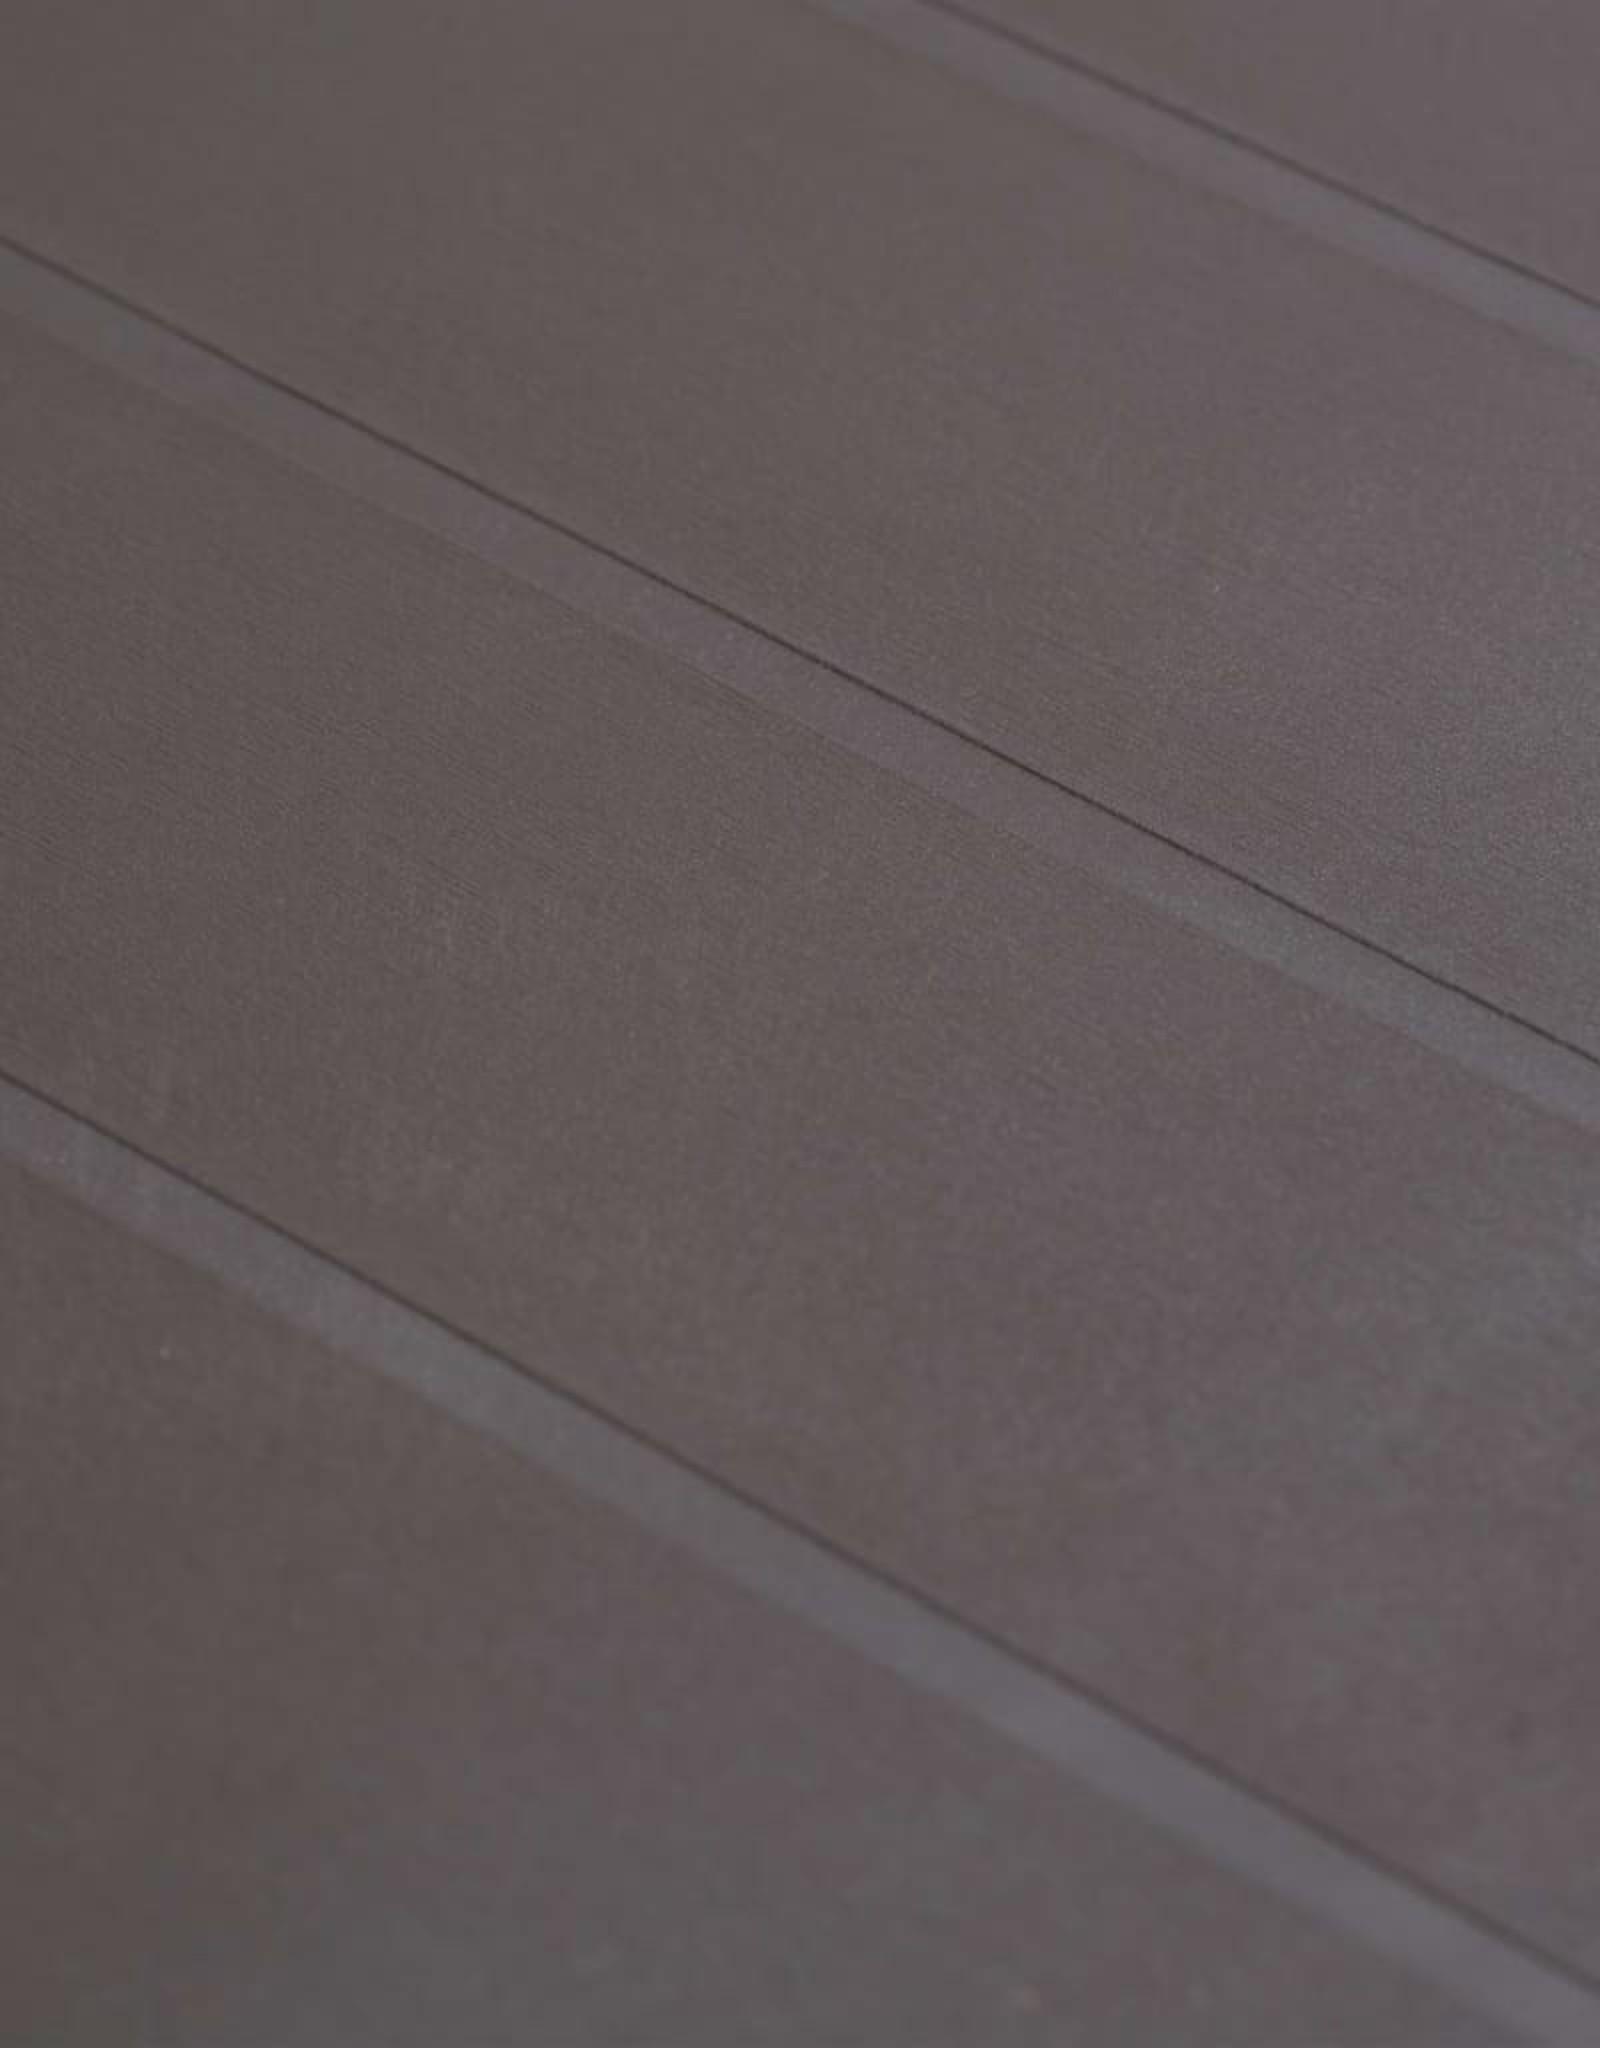 vidaXL 5-delige Tuinset kunststof bruin